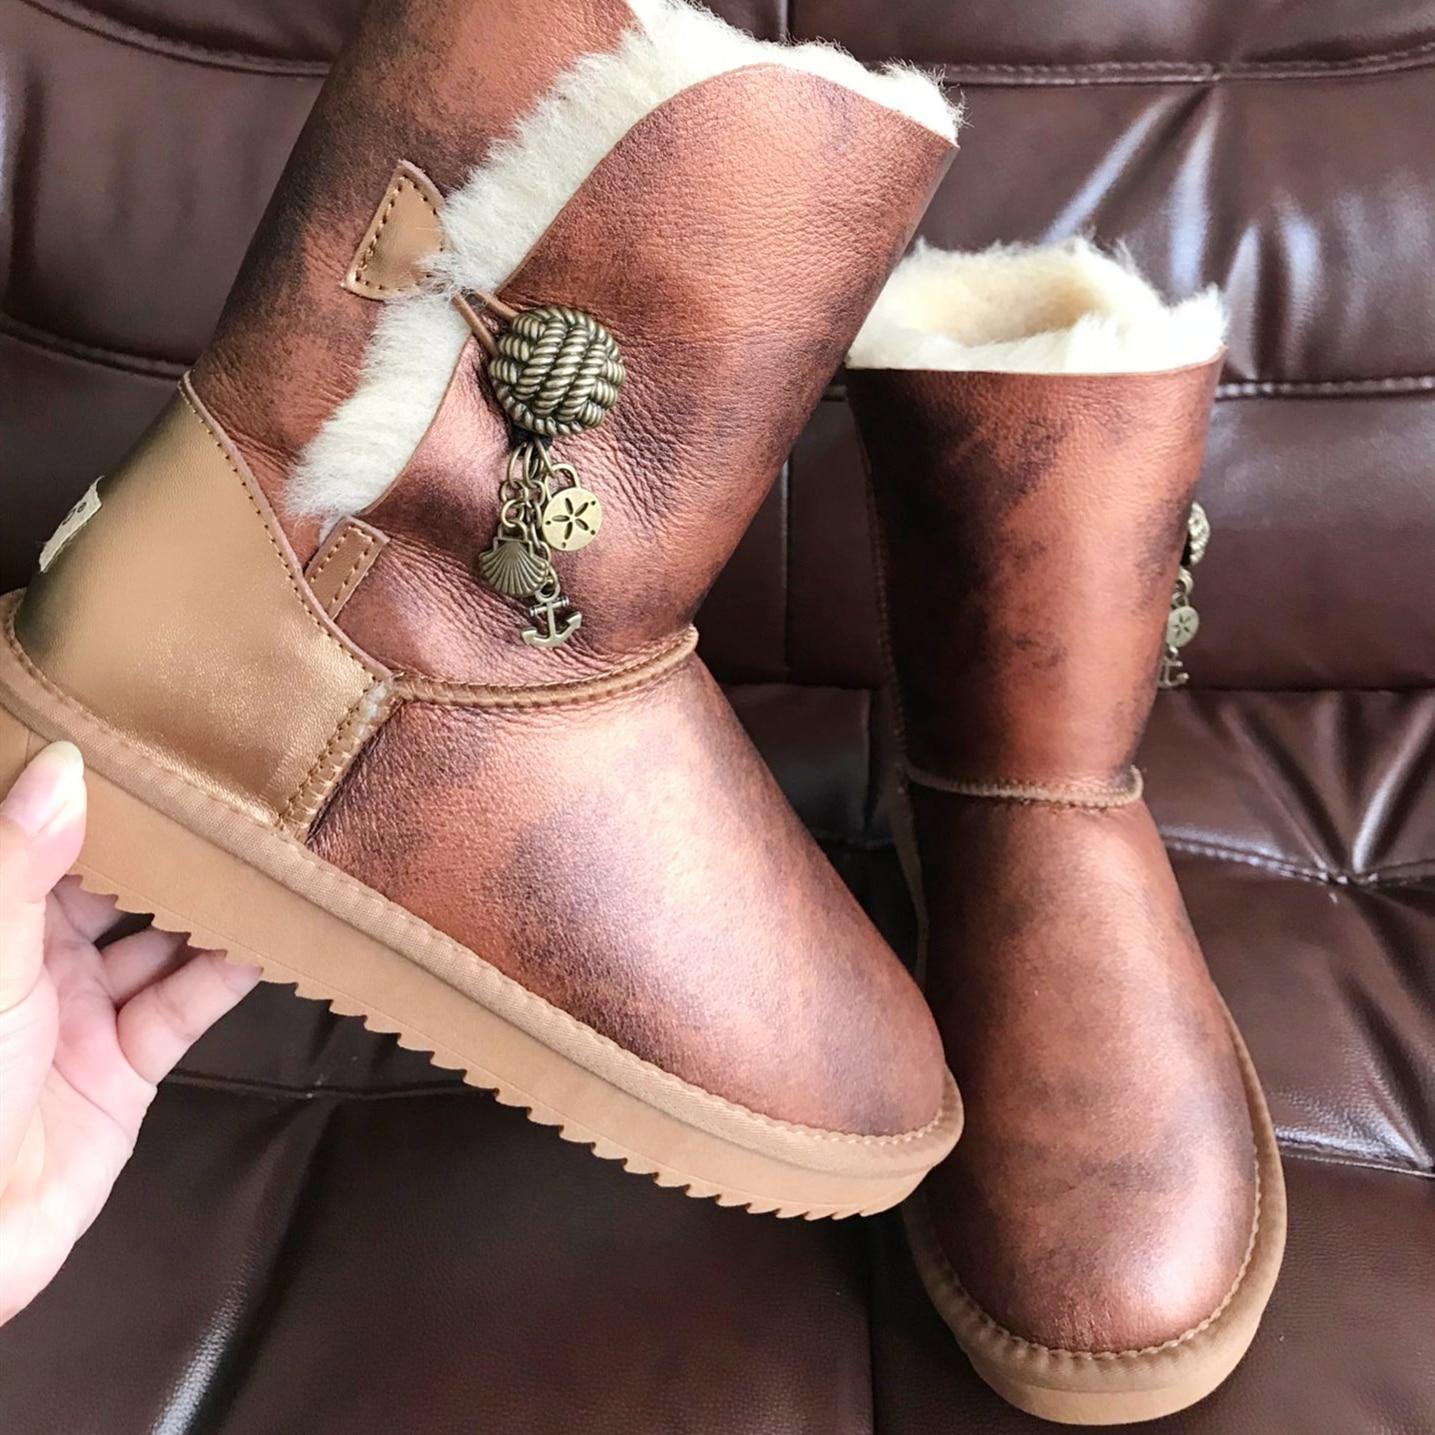 Marque femmes bottes de neige en peau de mouton véritable Learher bottes Matel bouton gland laine bottes de neige hiver plat imperméable chaussures de mouton - 5